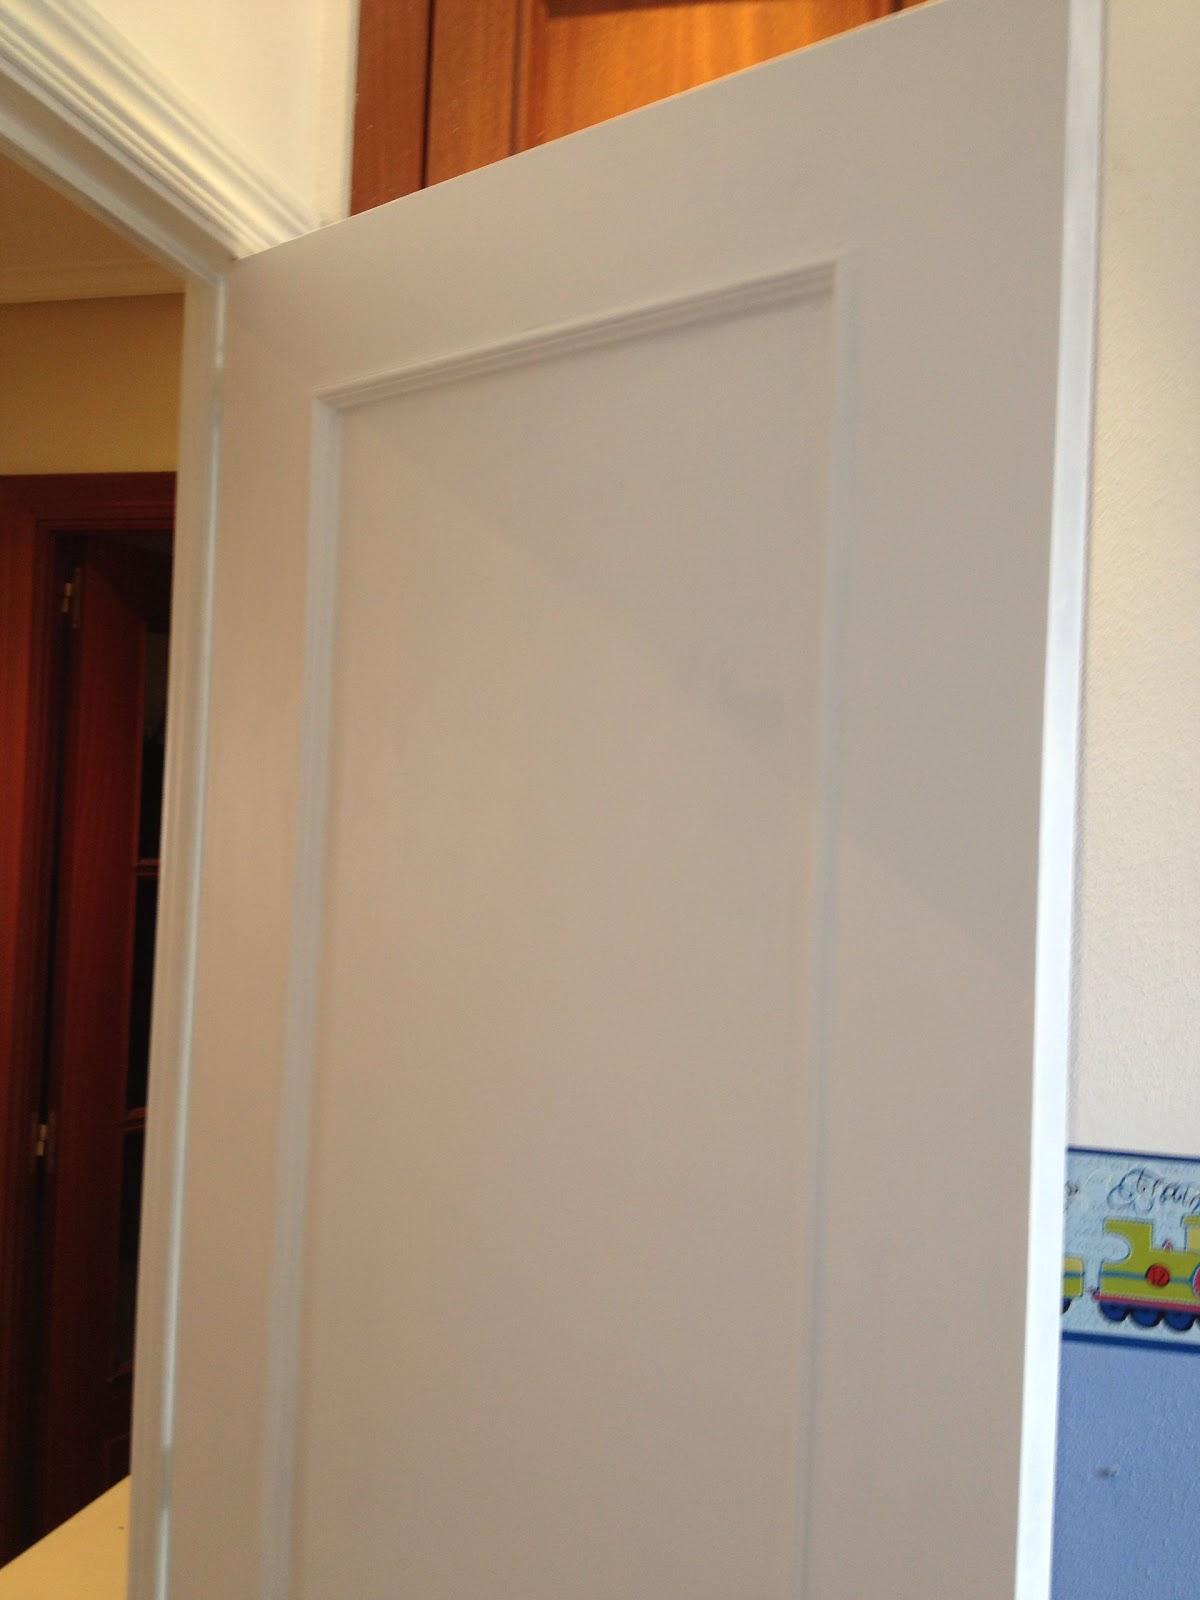 Adios al sapely pintar puertas de blanco juntitoscrafts for Reformar puertas